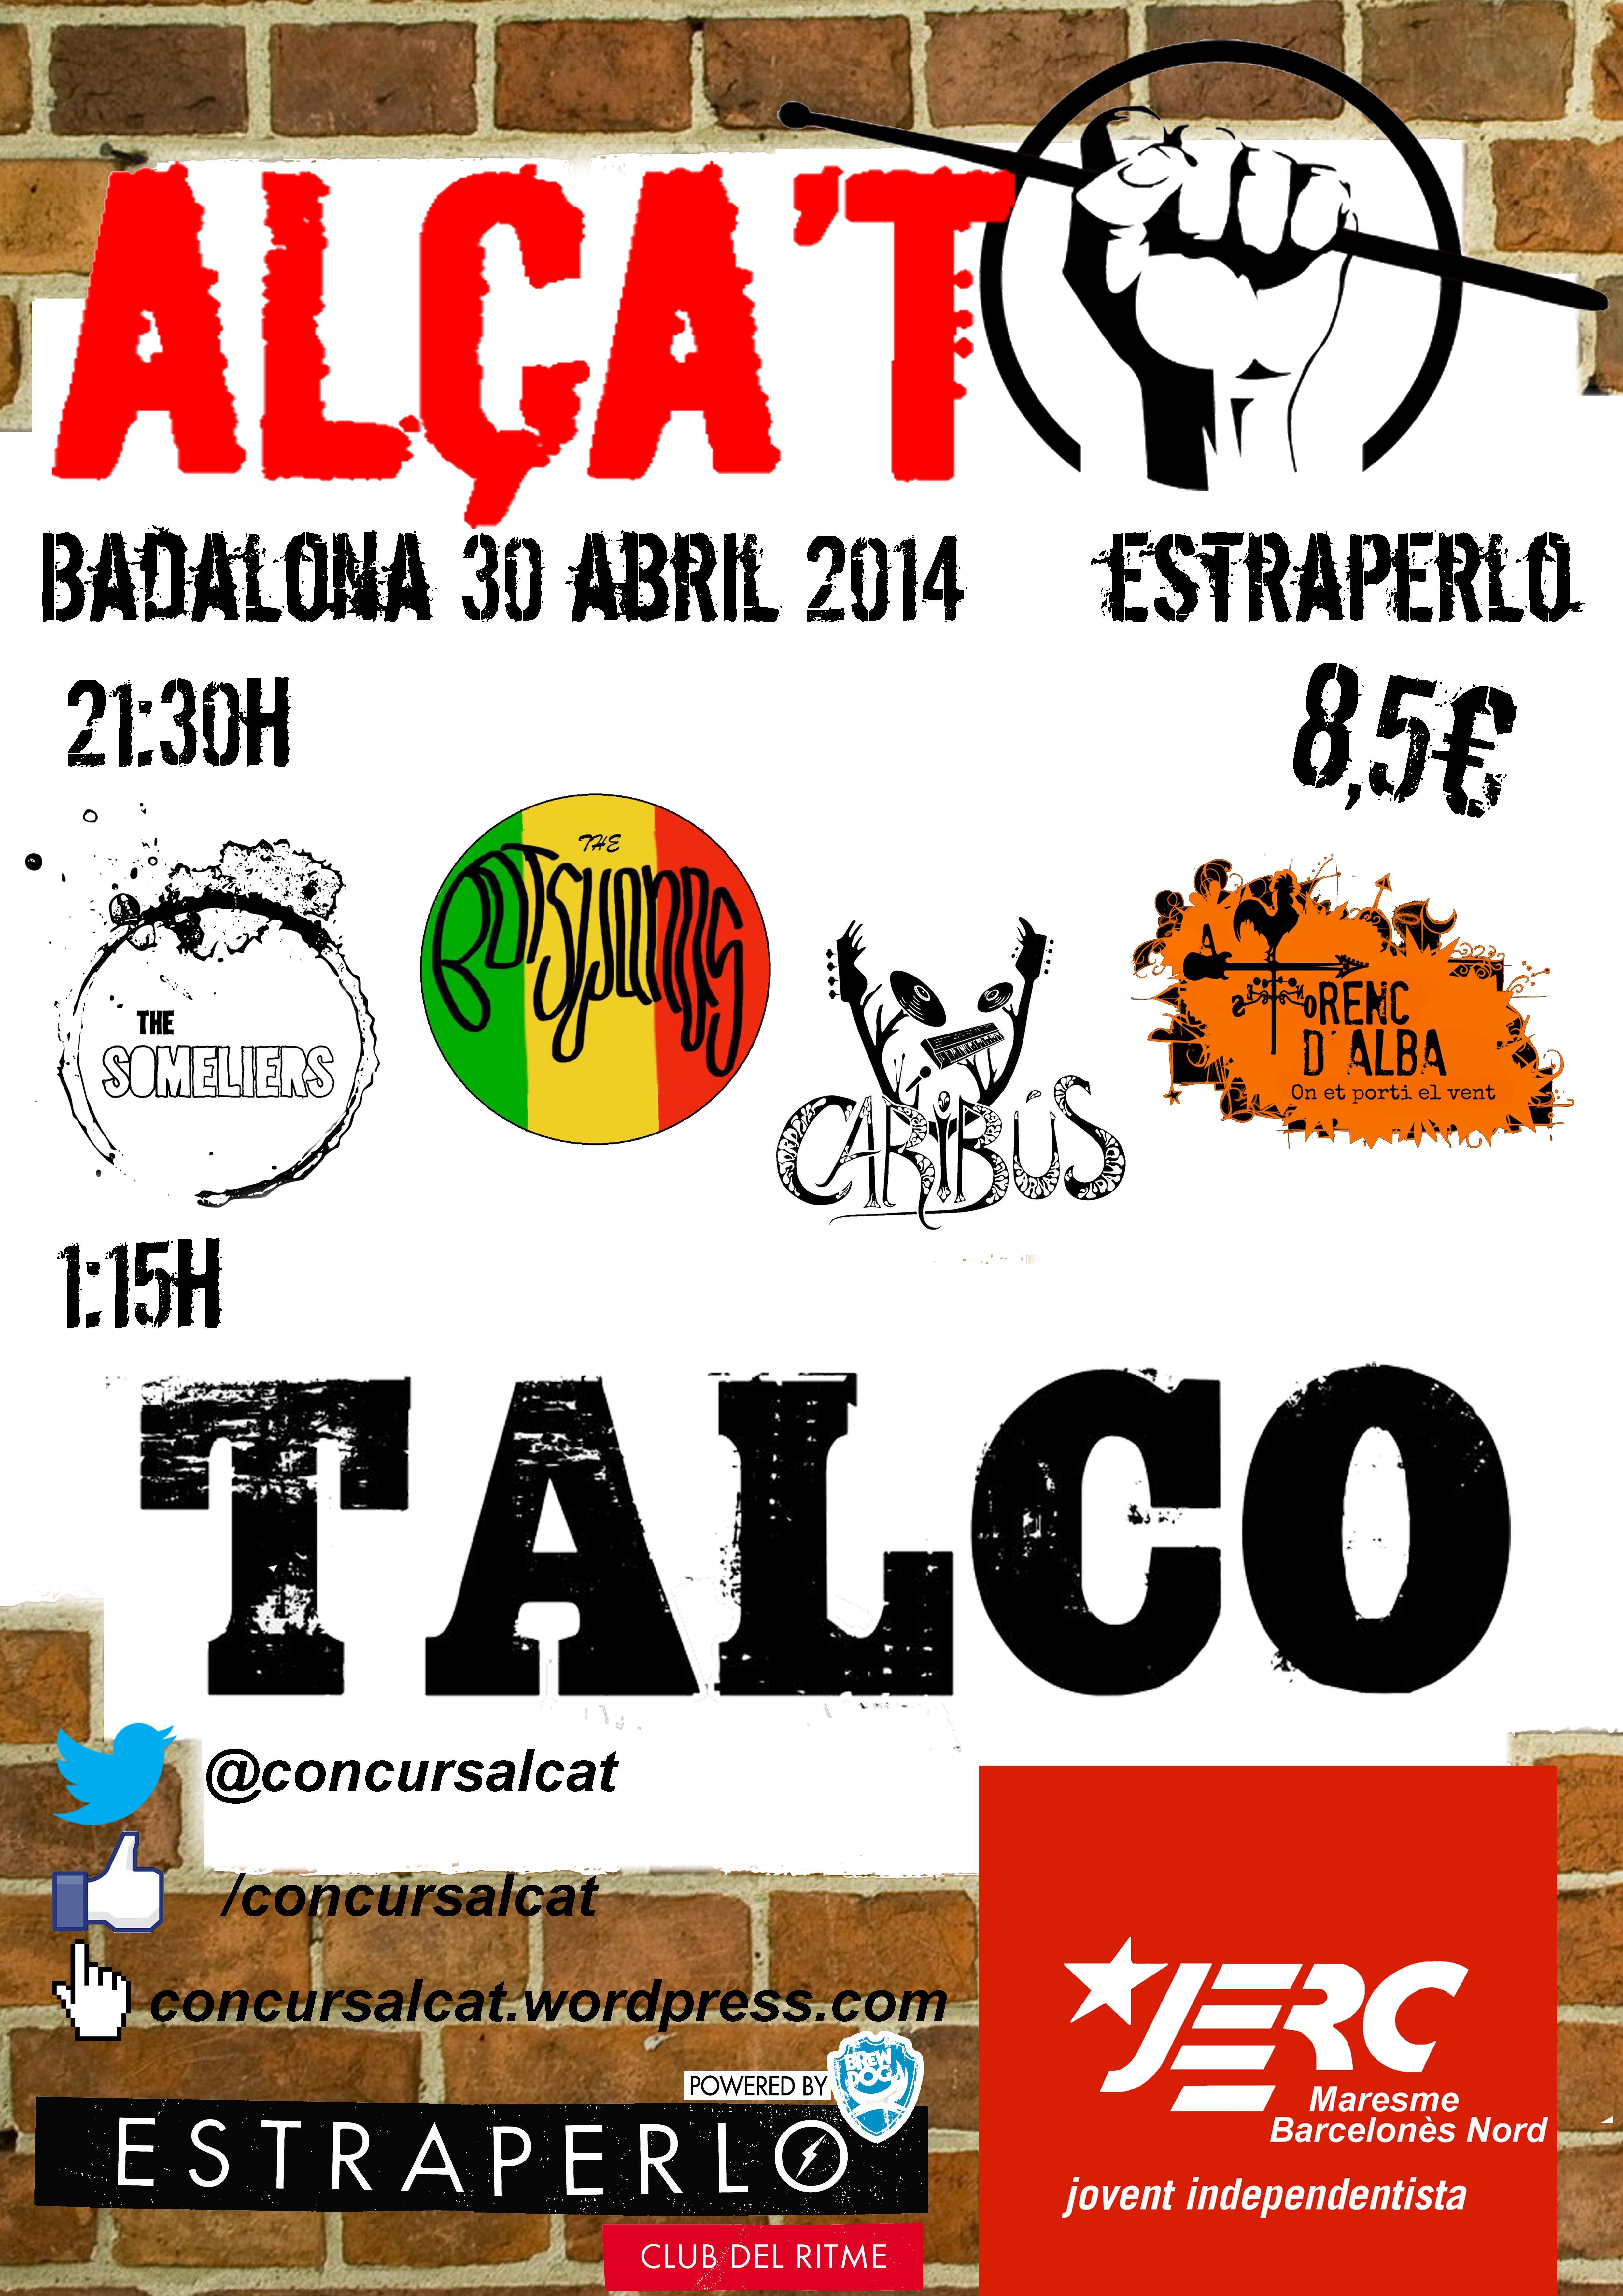 Cartell de la Semifinal de Badalona del Concurs Alça't 2014